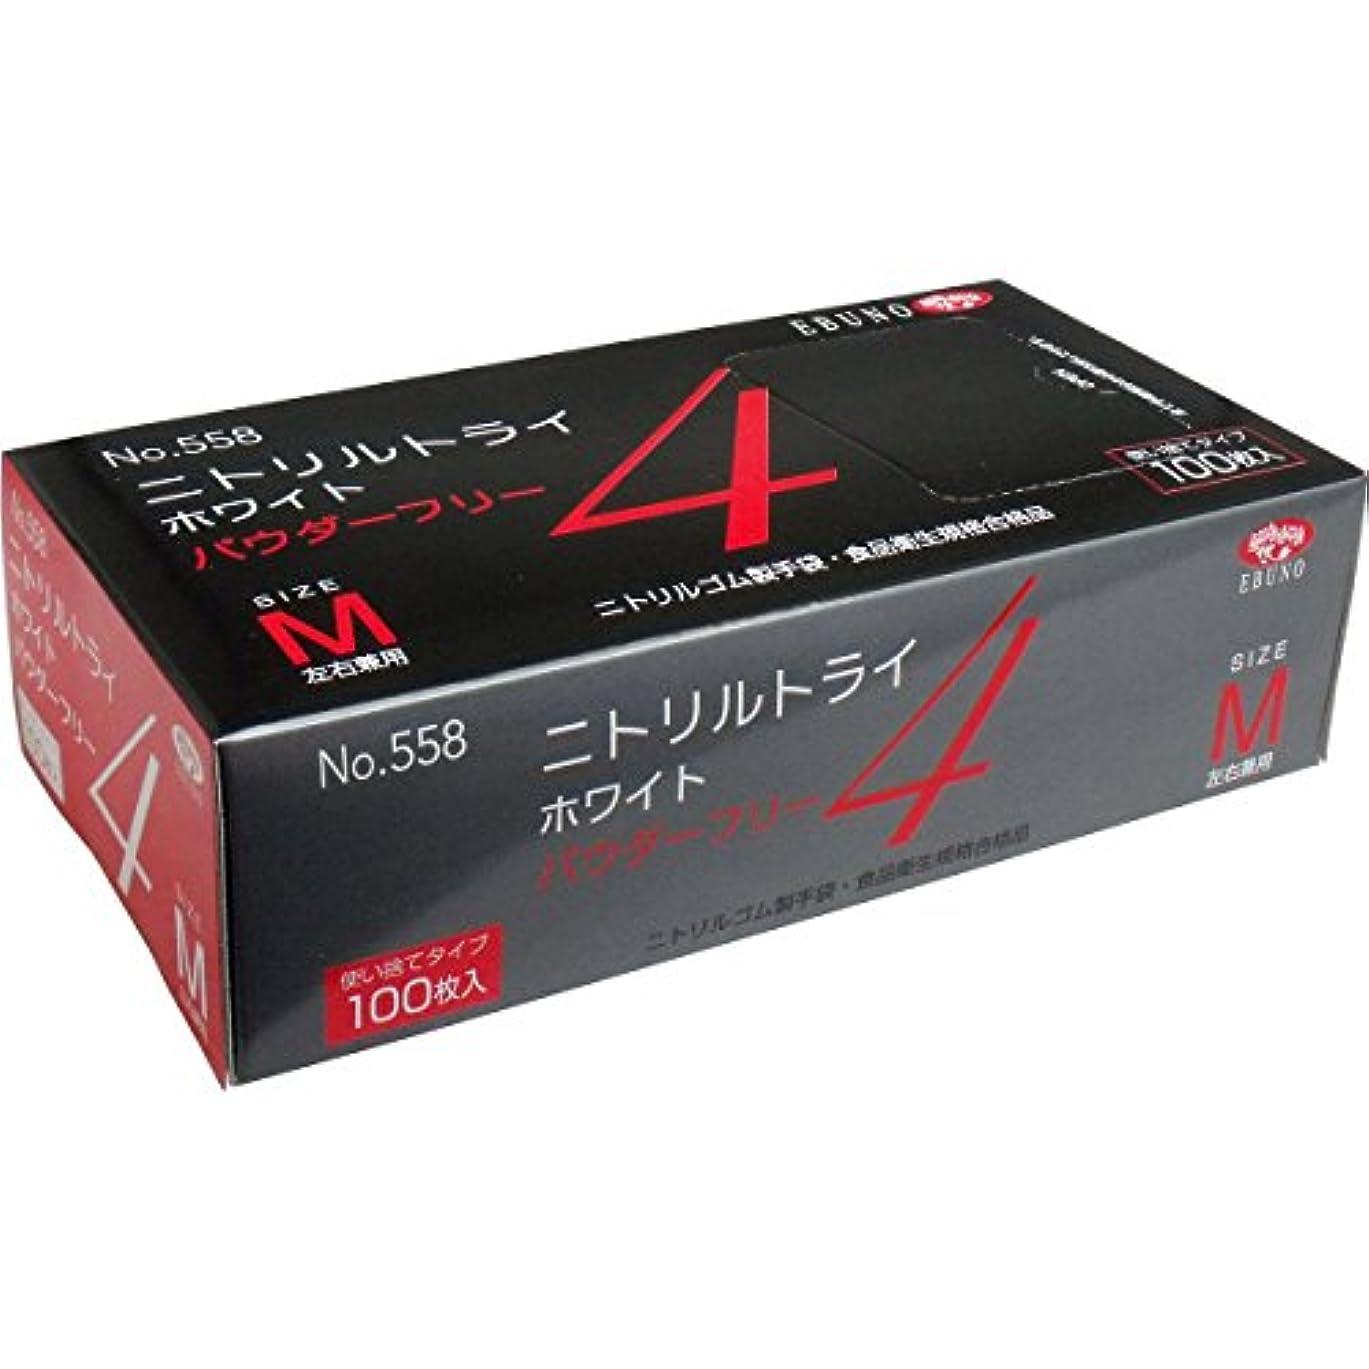 スローガンむさぼり食うフレットニトリルトライ4 手袋 ホワイト パウダーフリー Mサイズ 100枚入(単品1個)